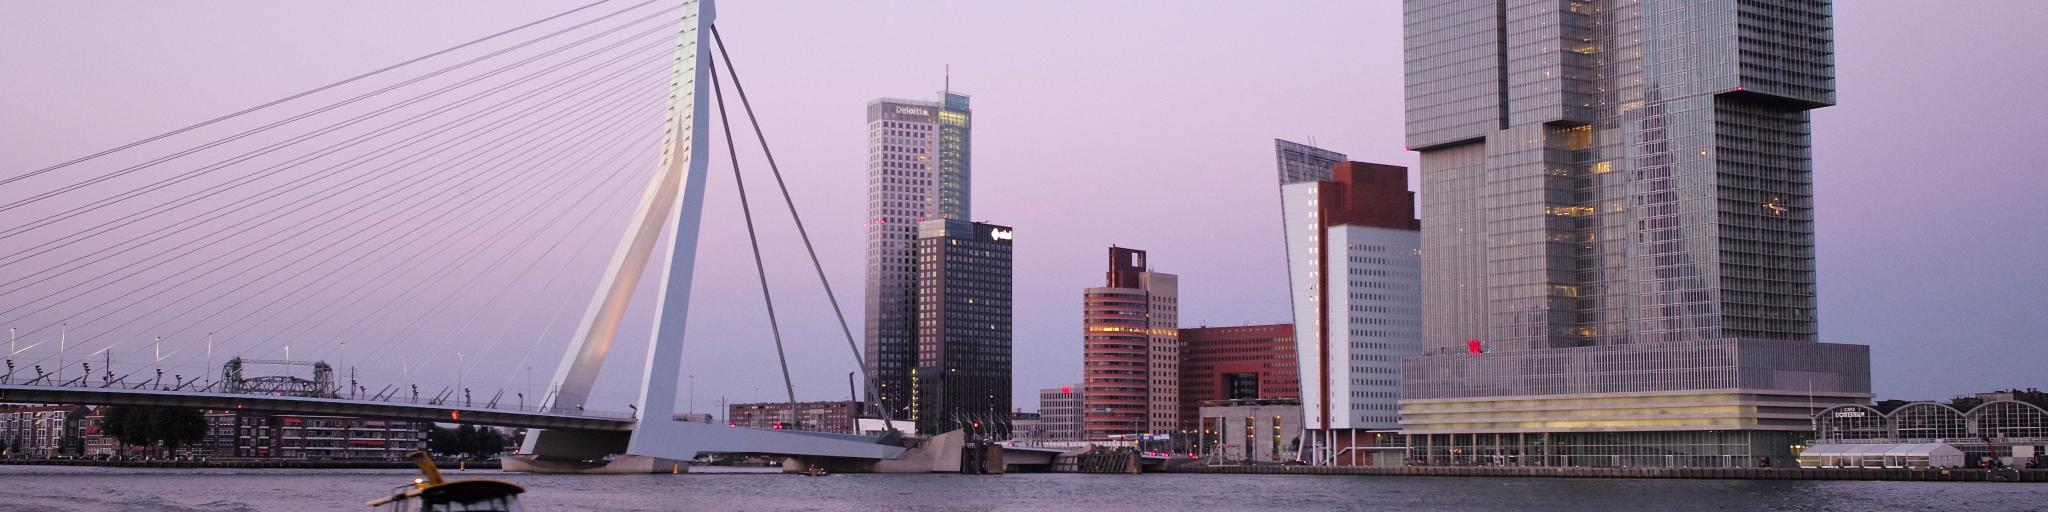 Pink skies and the distinctive Erasmusbrug Bridge in Rotterdam